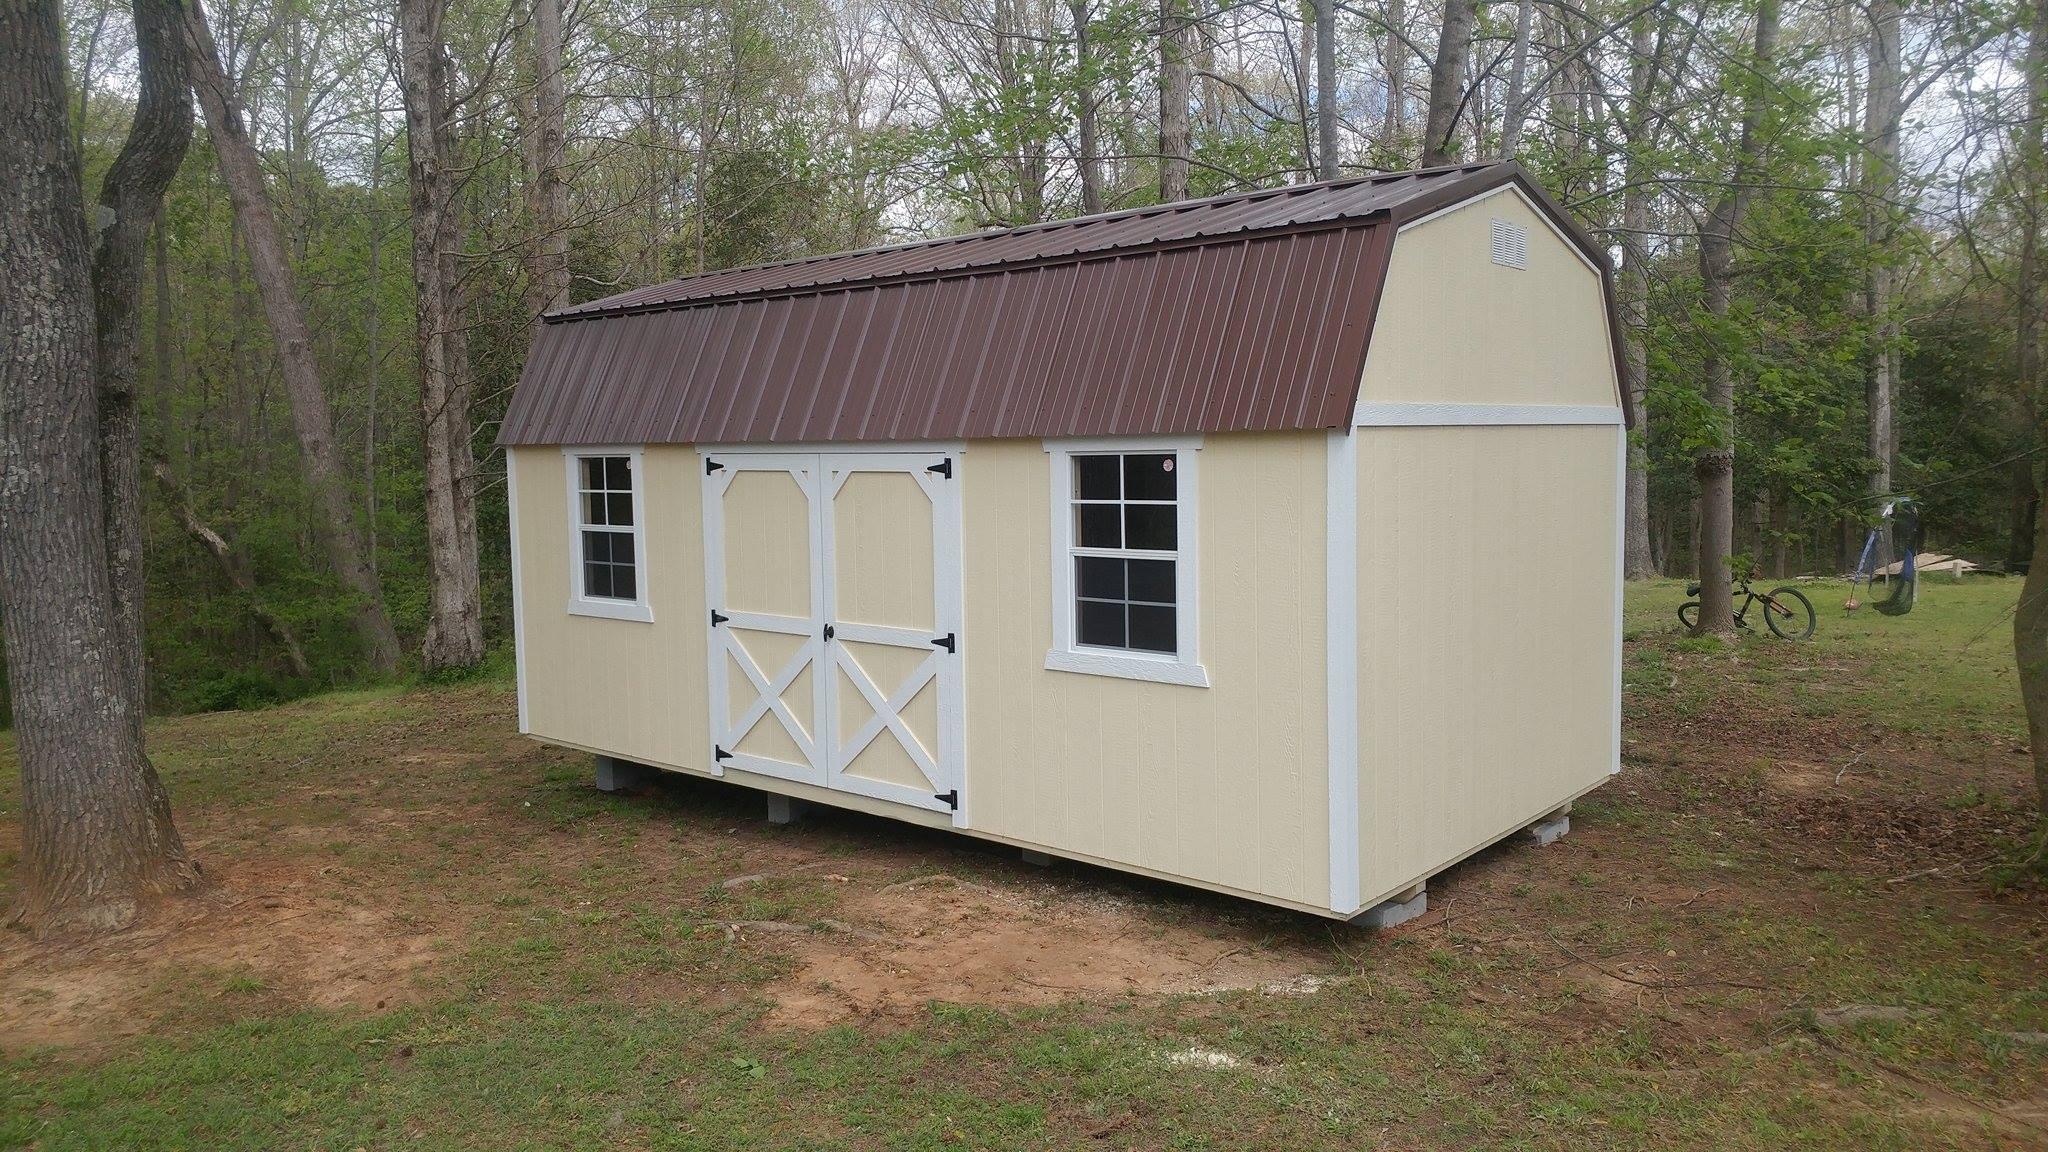 218-painted-lofted-barn-brown-roof.jpg